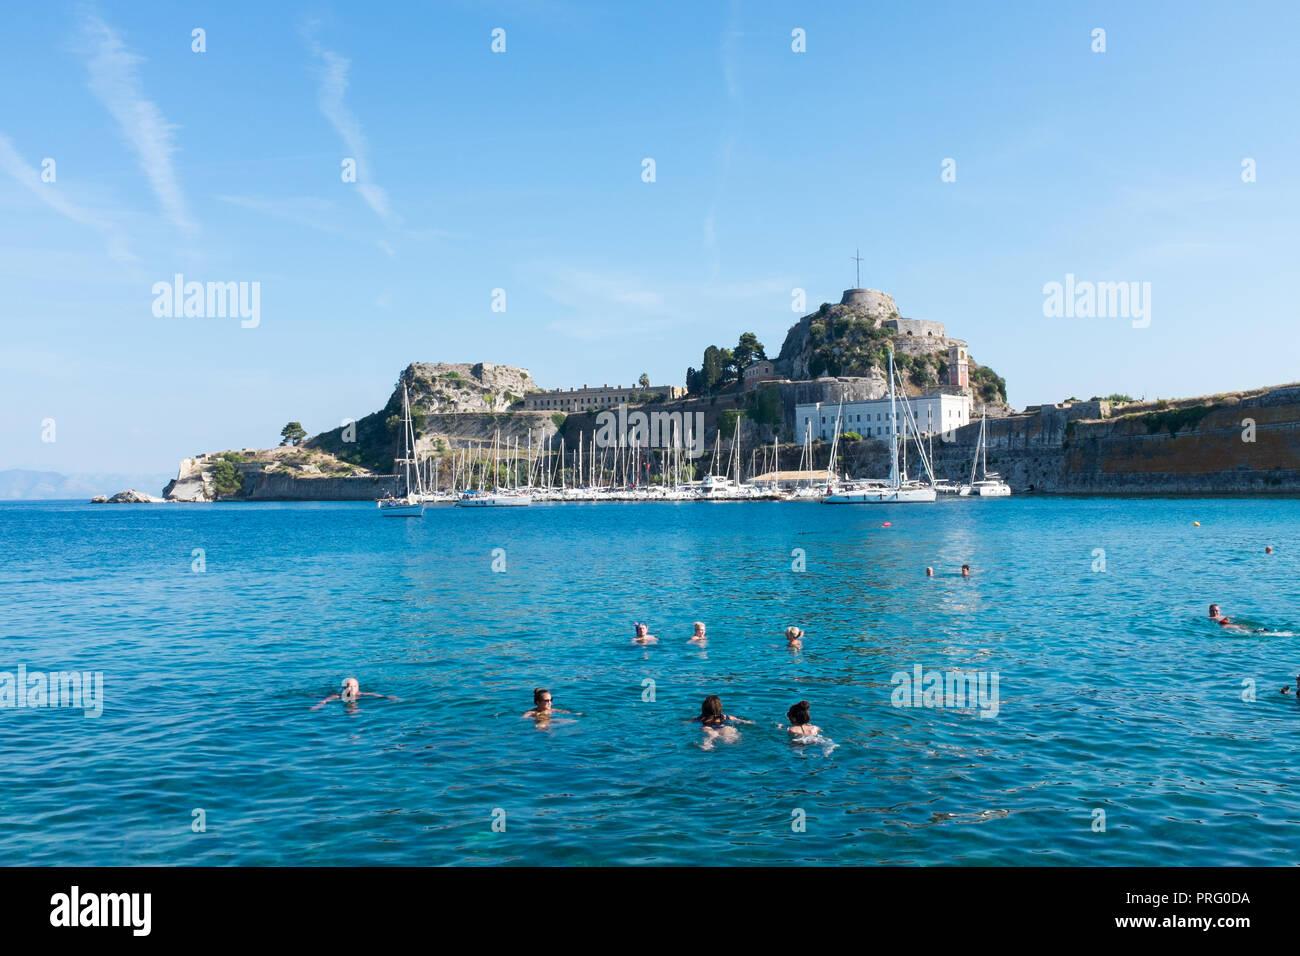 People swimming in the sea near to the Old Venetian Fort in Corfu Town, Corfu, Greece Stock Photo